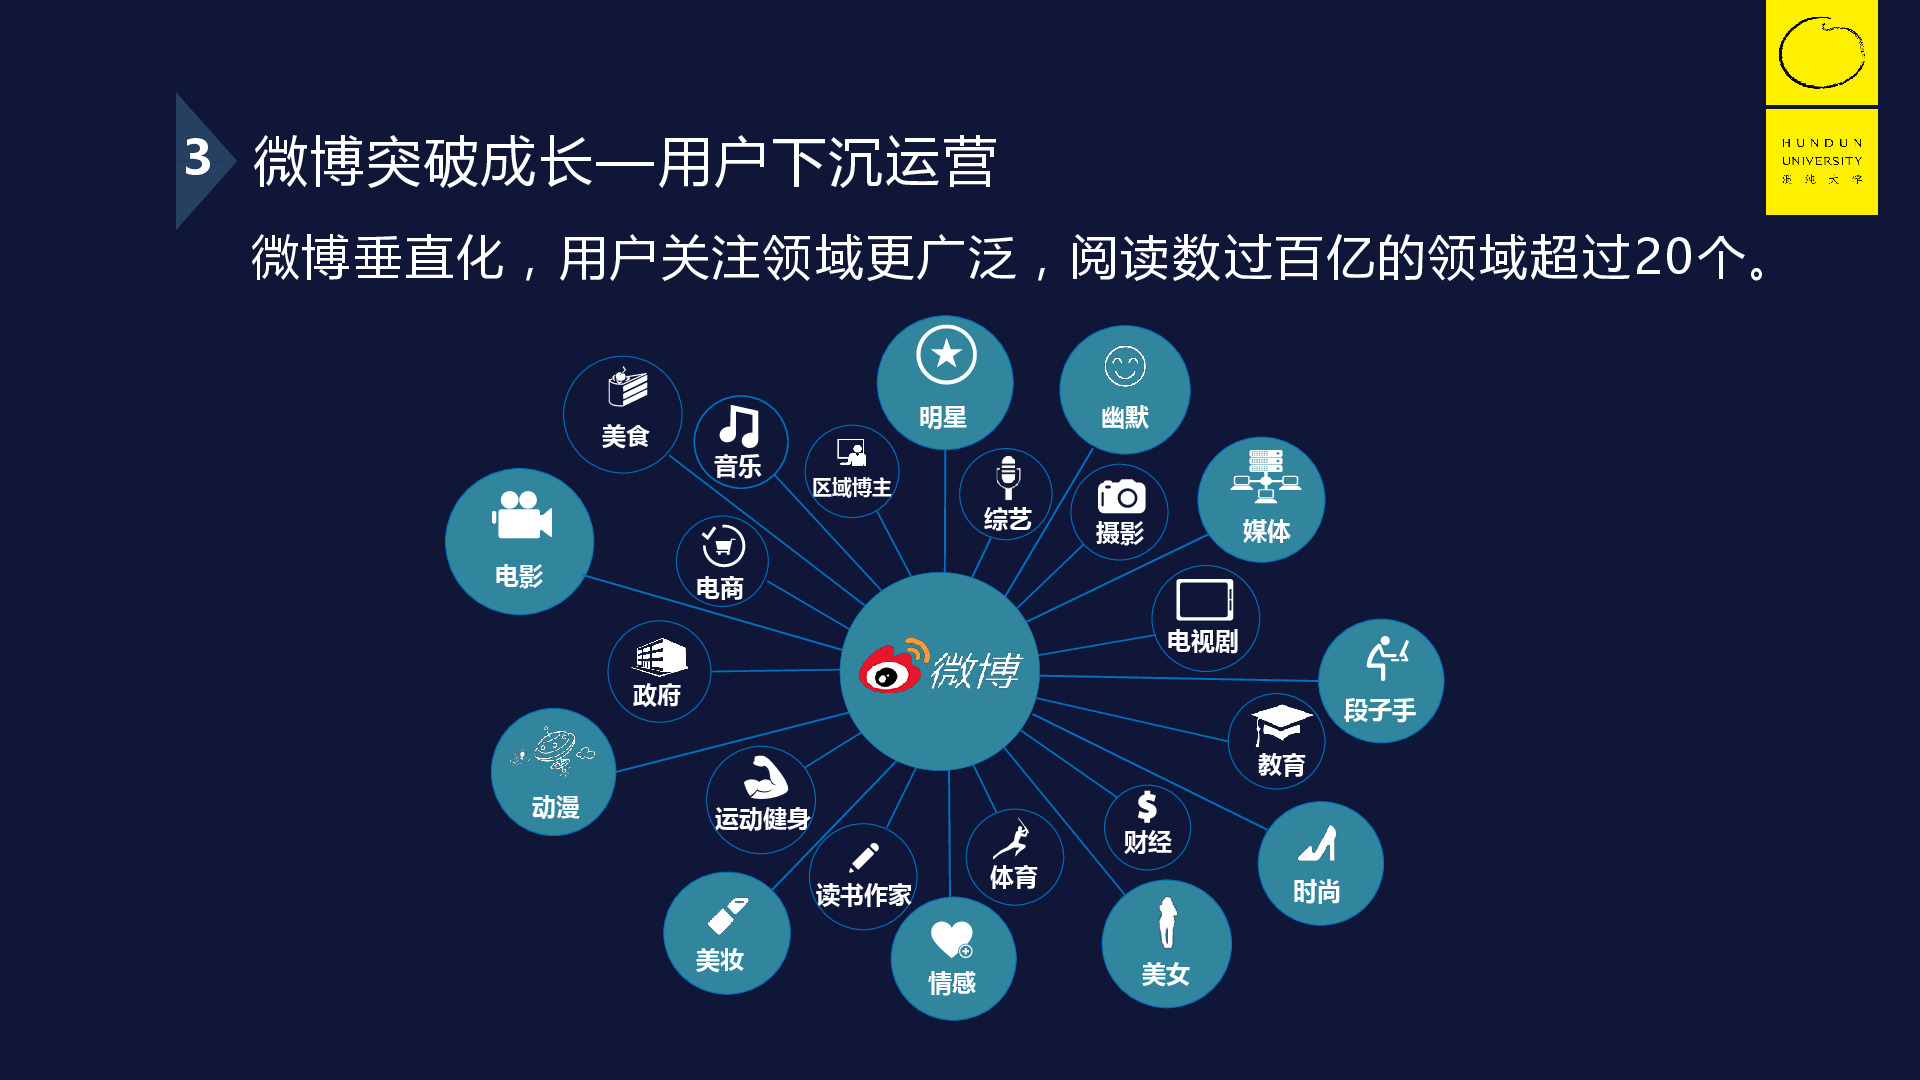 突破瓶颈:运营助力二次成长-混沌大学7月29日曹增辉分享PPT